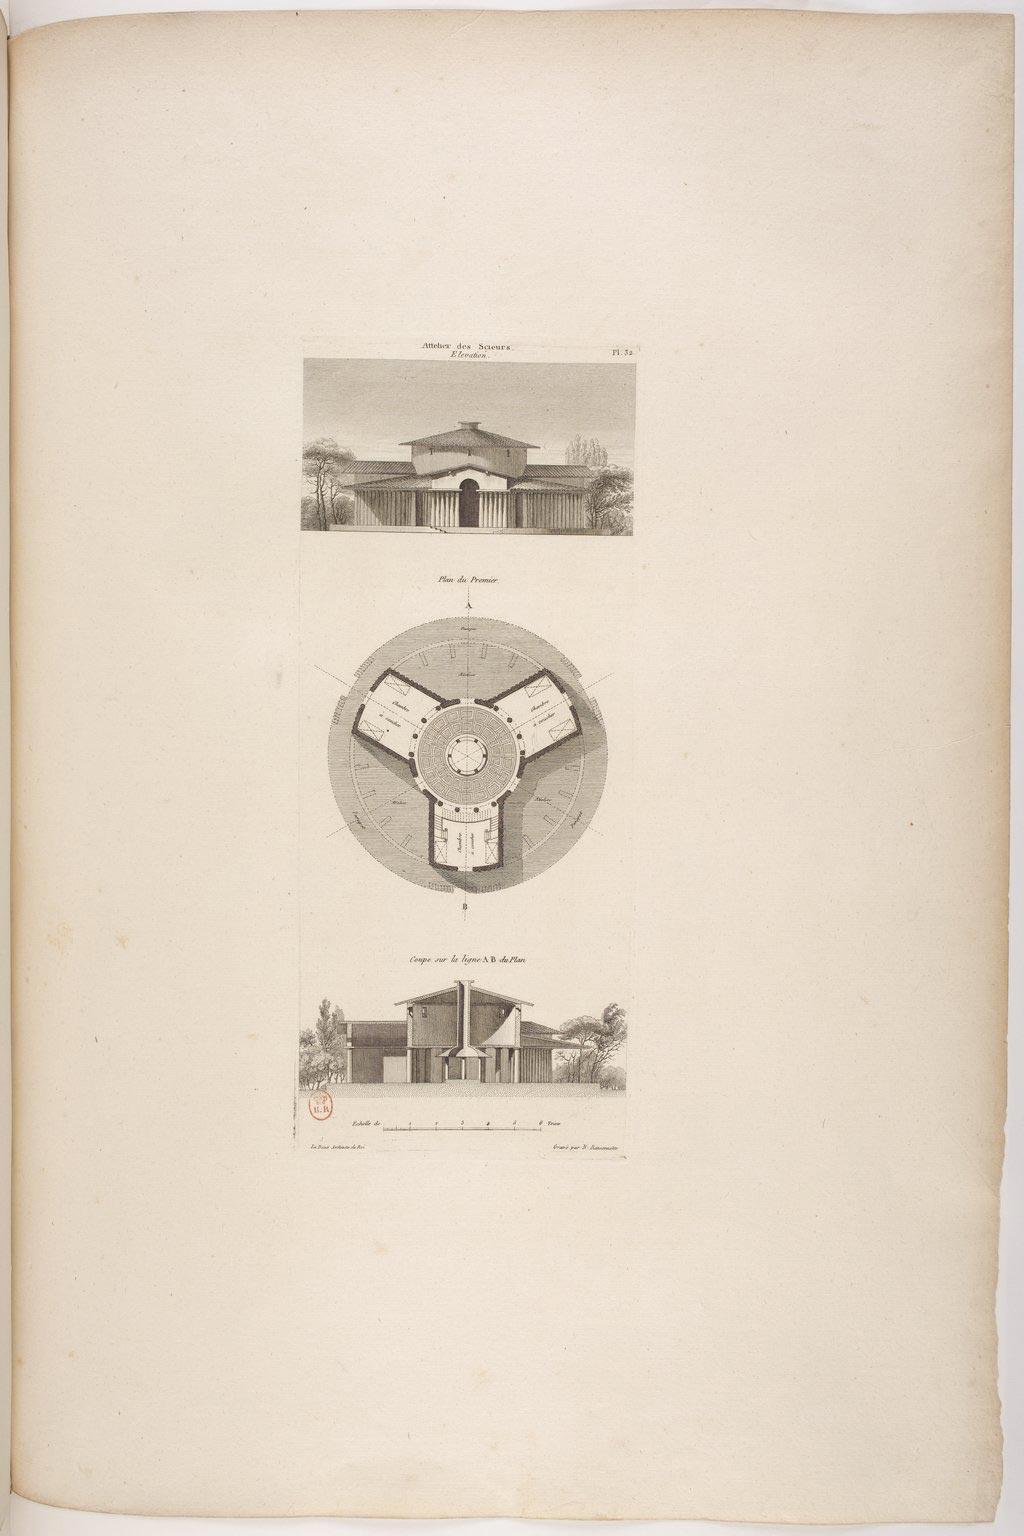 ledoux-claude-architecture-315